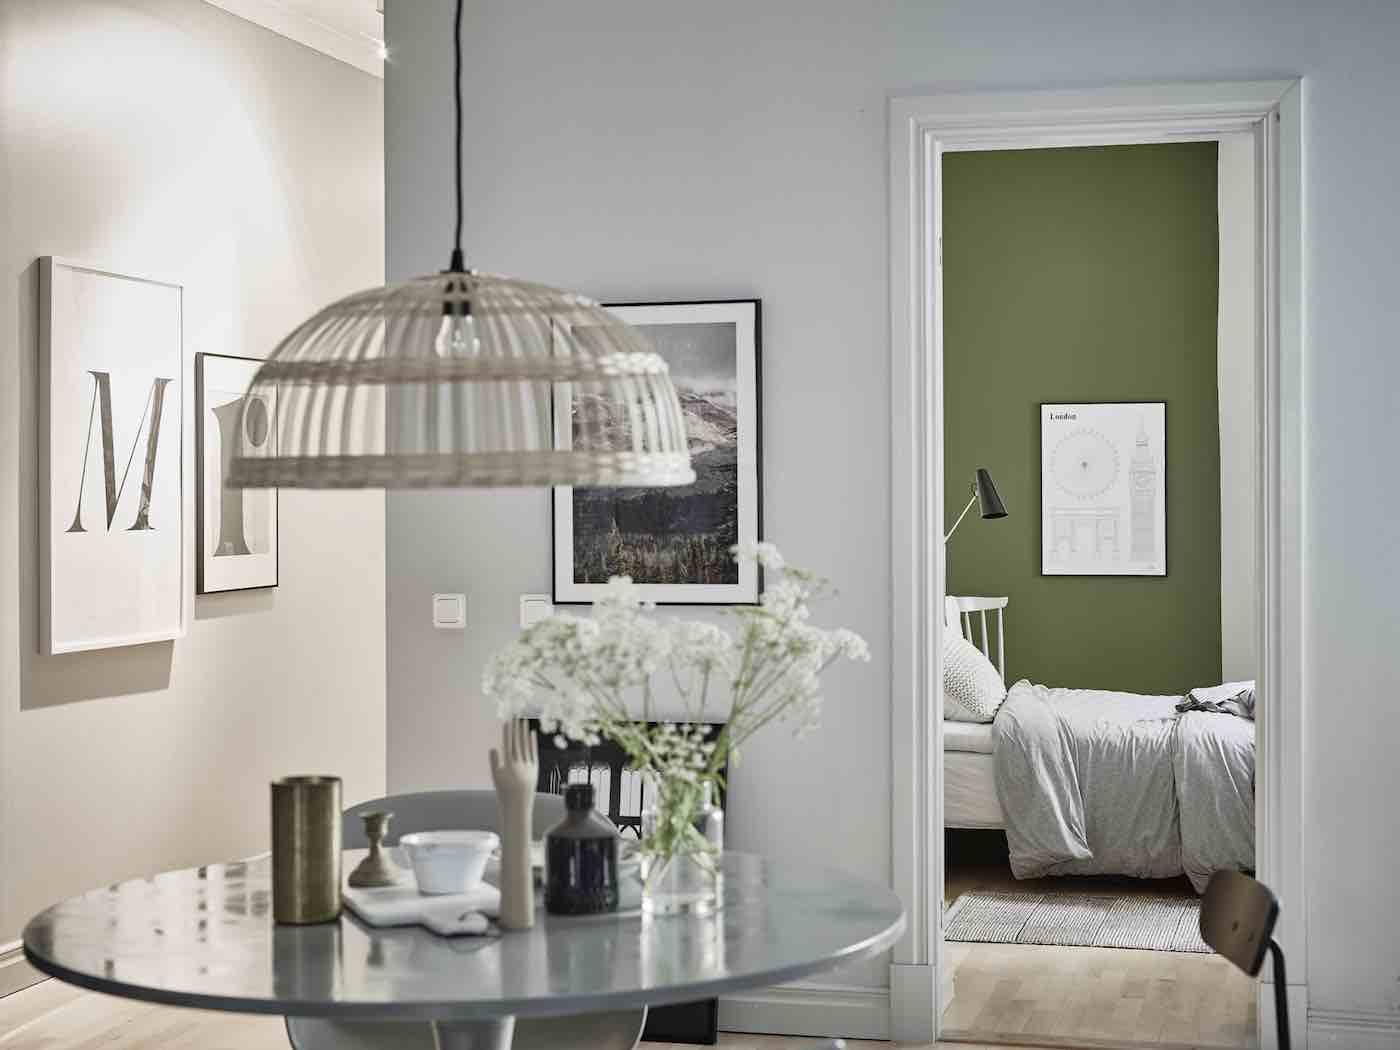 Schwedische Wohnung mit grünen Akzenten - Designs2love